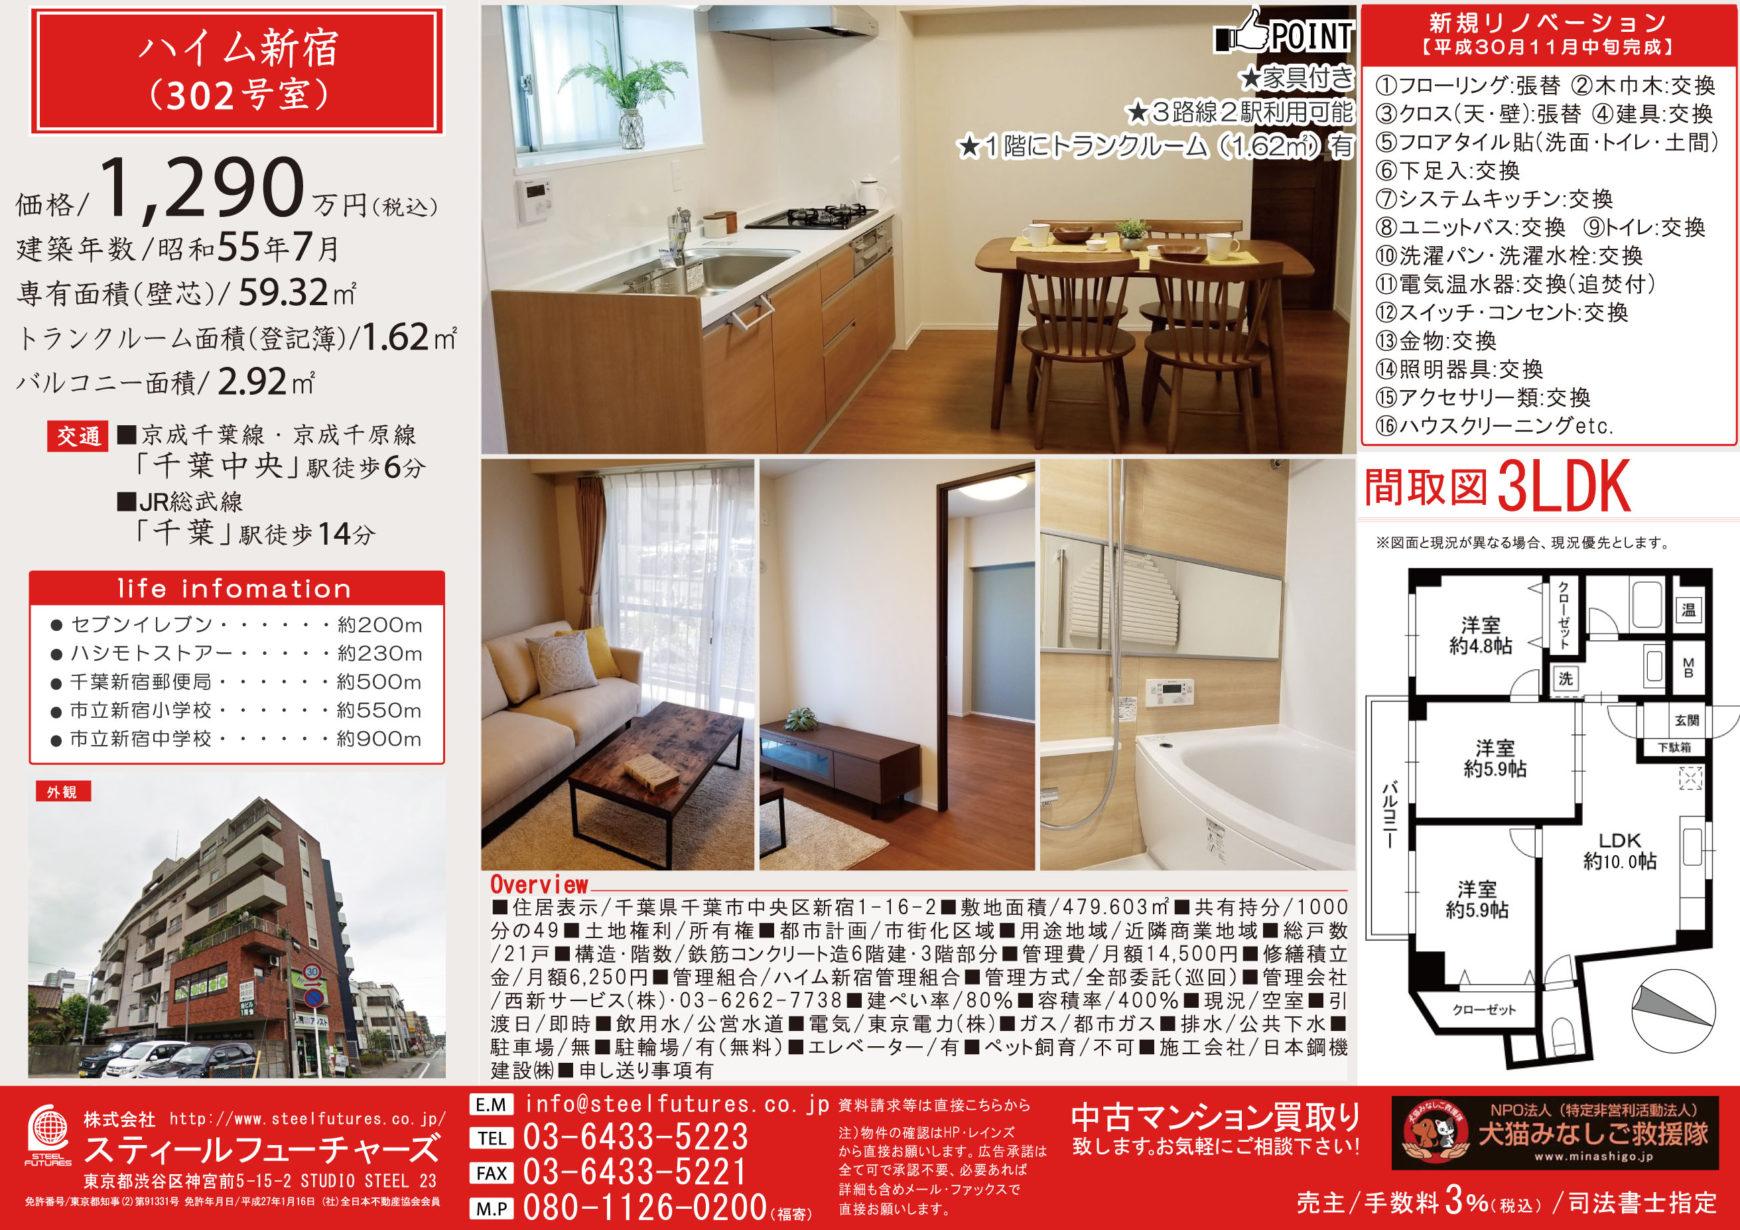 4/18 更新 ハイム新宿302号室